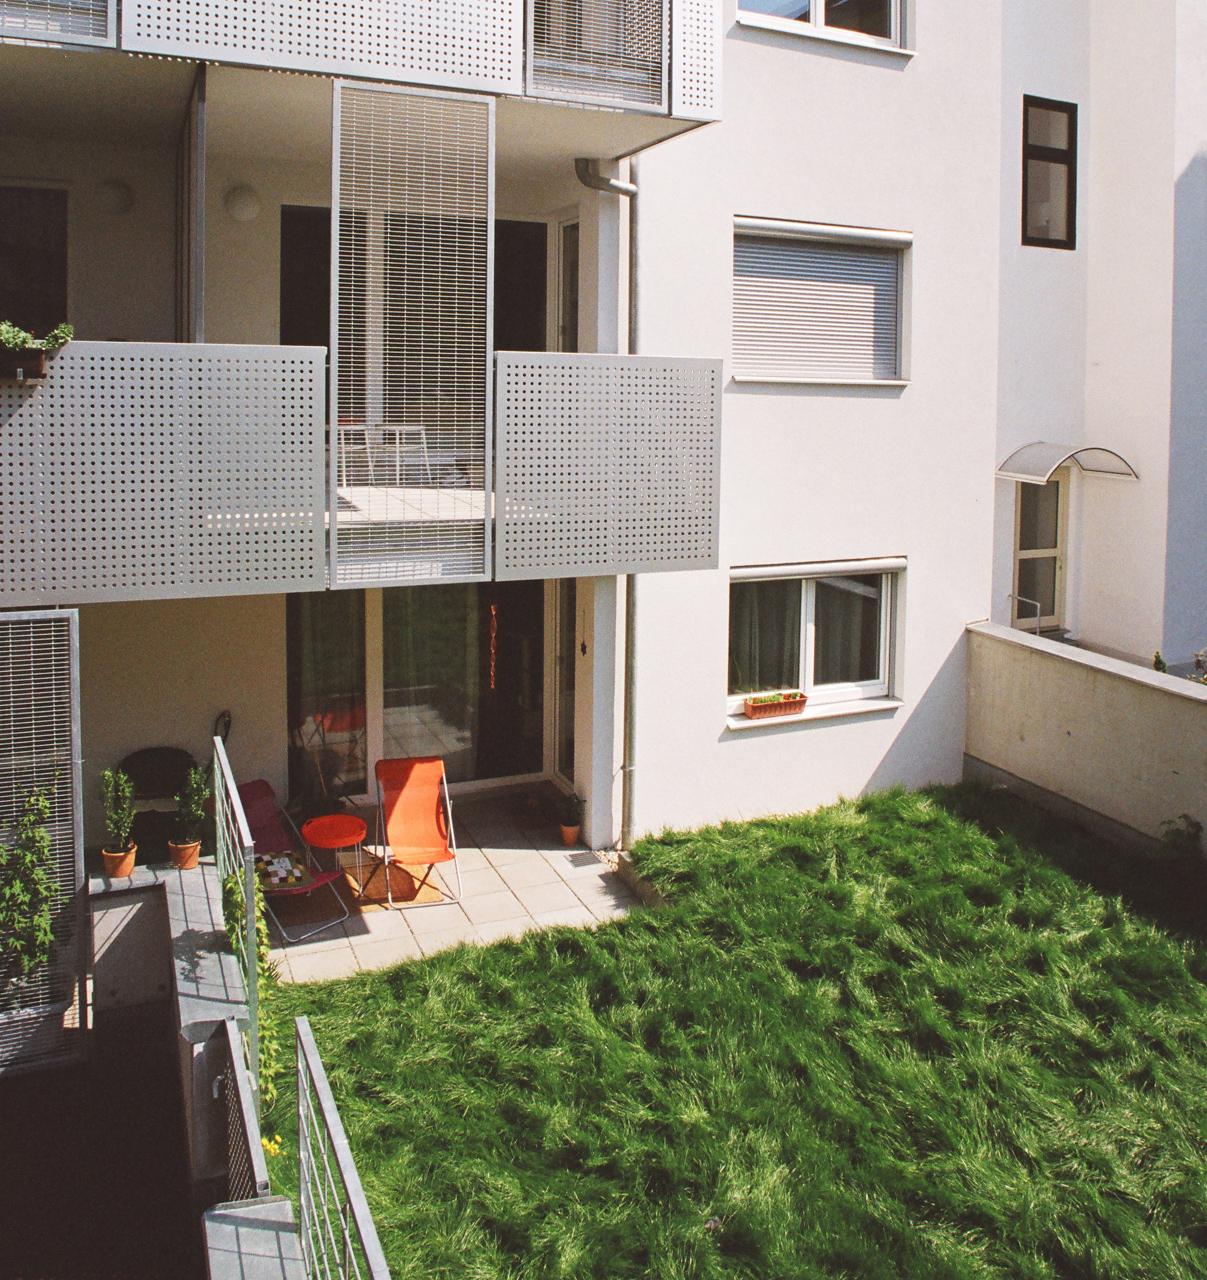 Terrasse als Teil einer Wohnhausanlage (Paschinger Architekten)